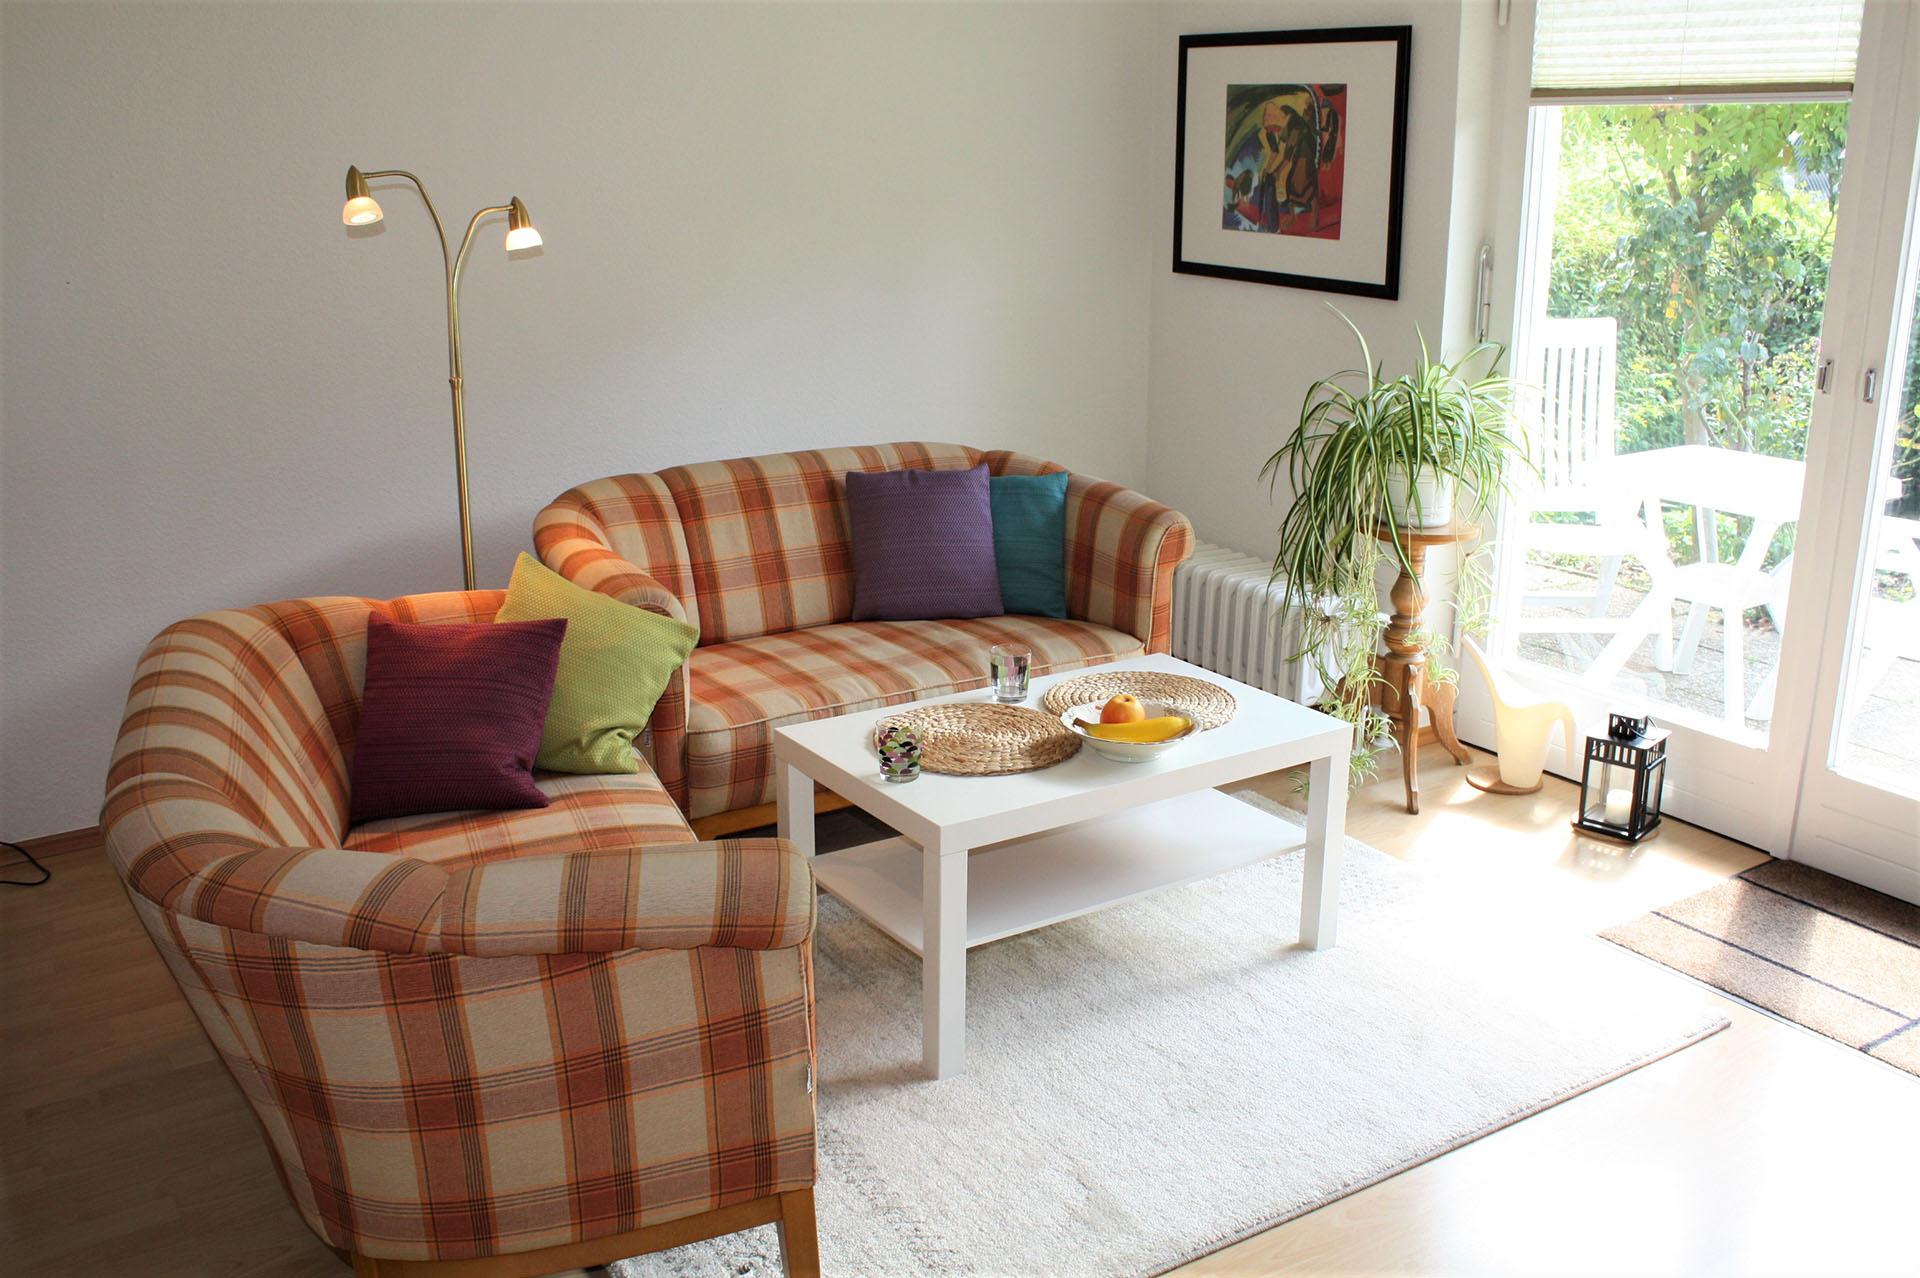 malerhaus-kuhse-ferienwohnung-sonneneck-wohnraum-04